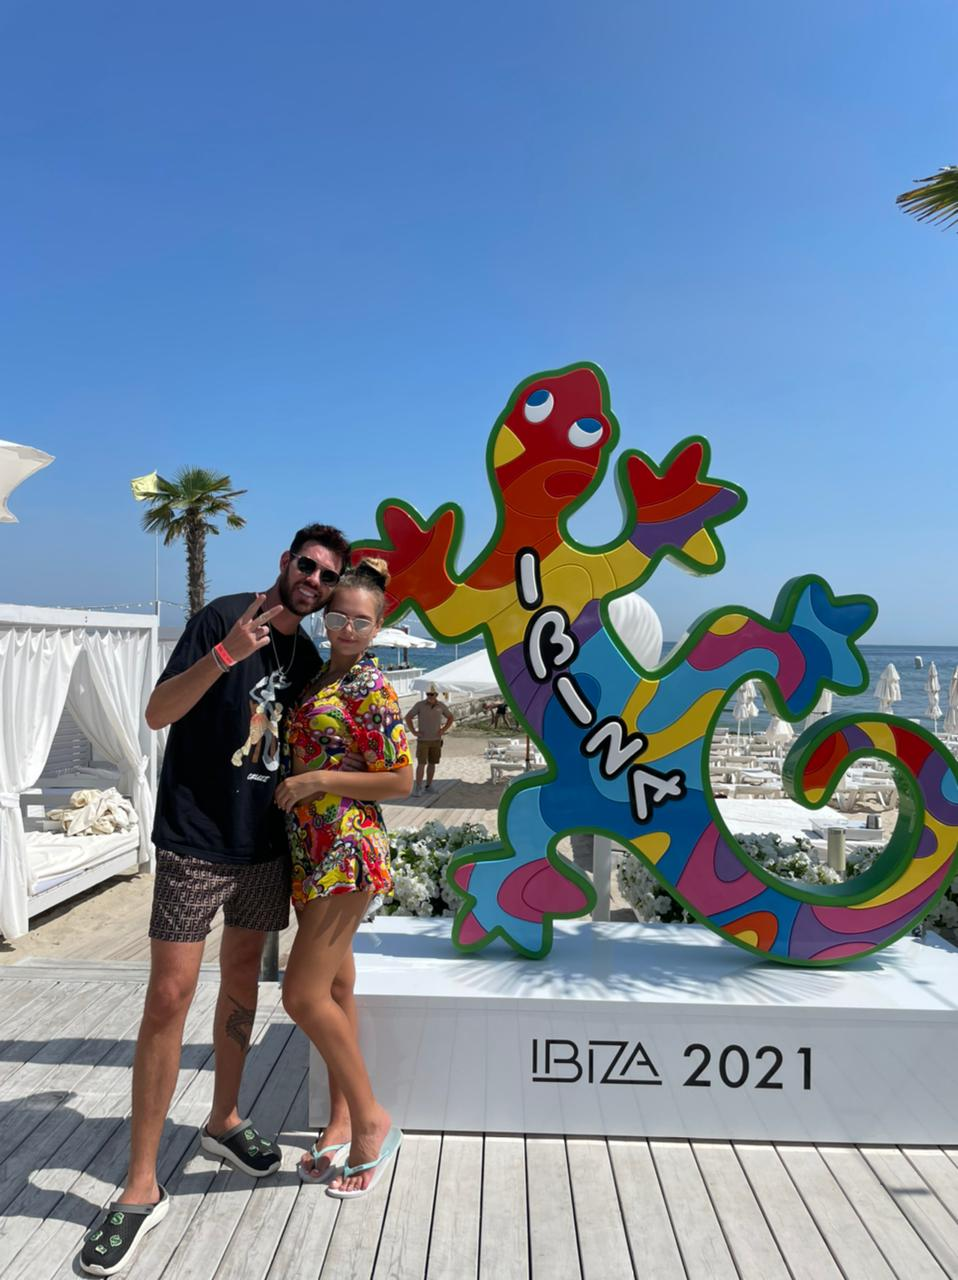 Diego Aguiar e Alexandra Maks curtindo o verão em Ibiza. Em Destaque aqui na Portfólio Vip